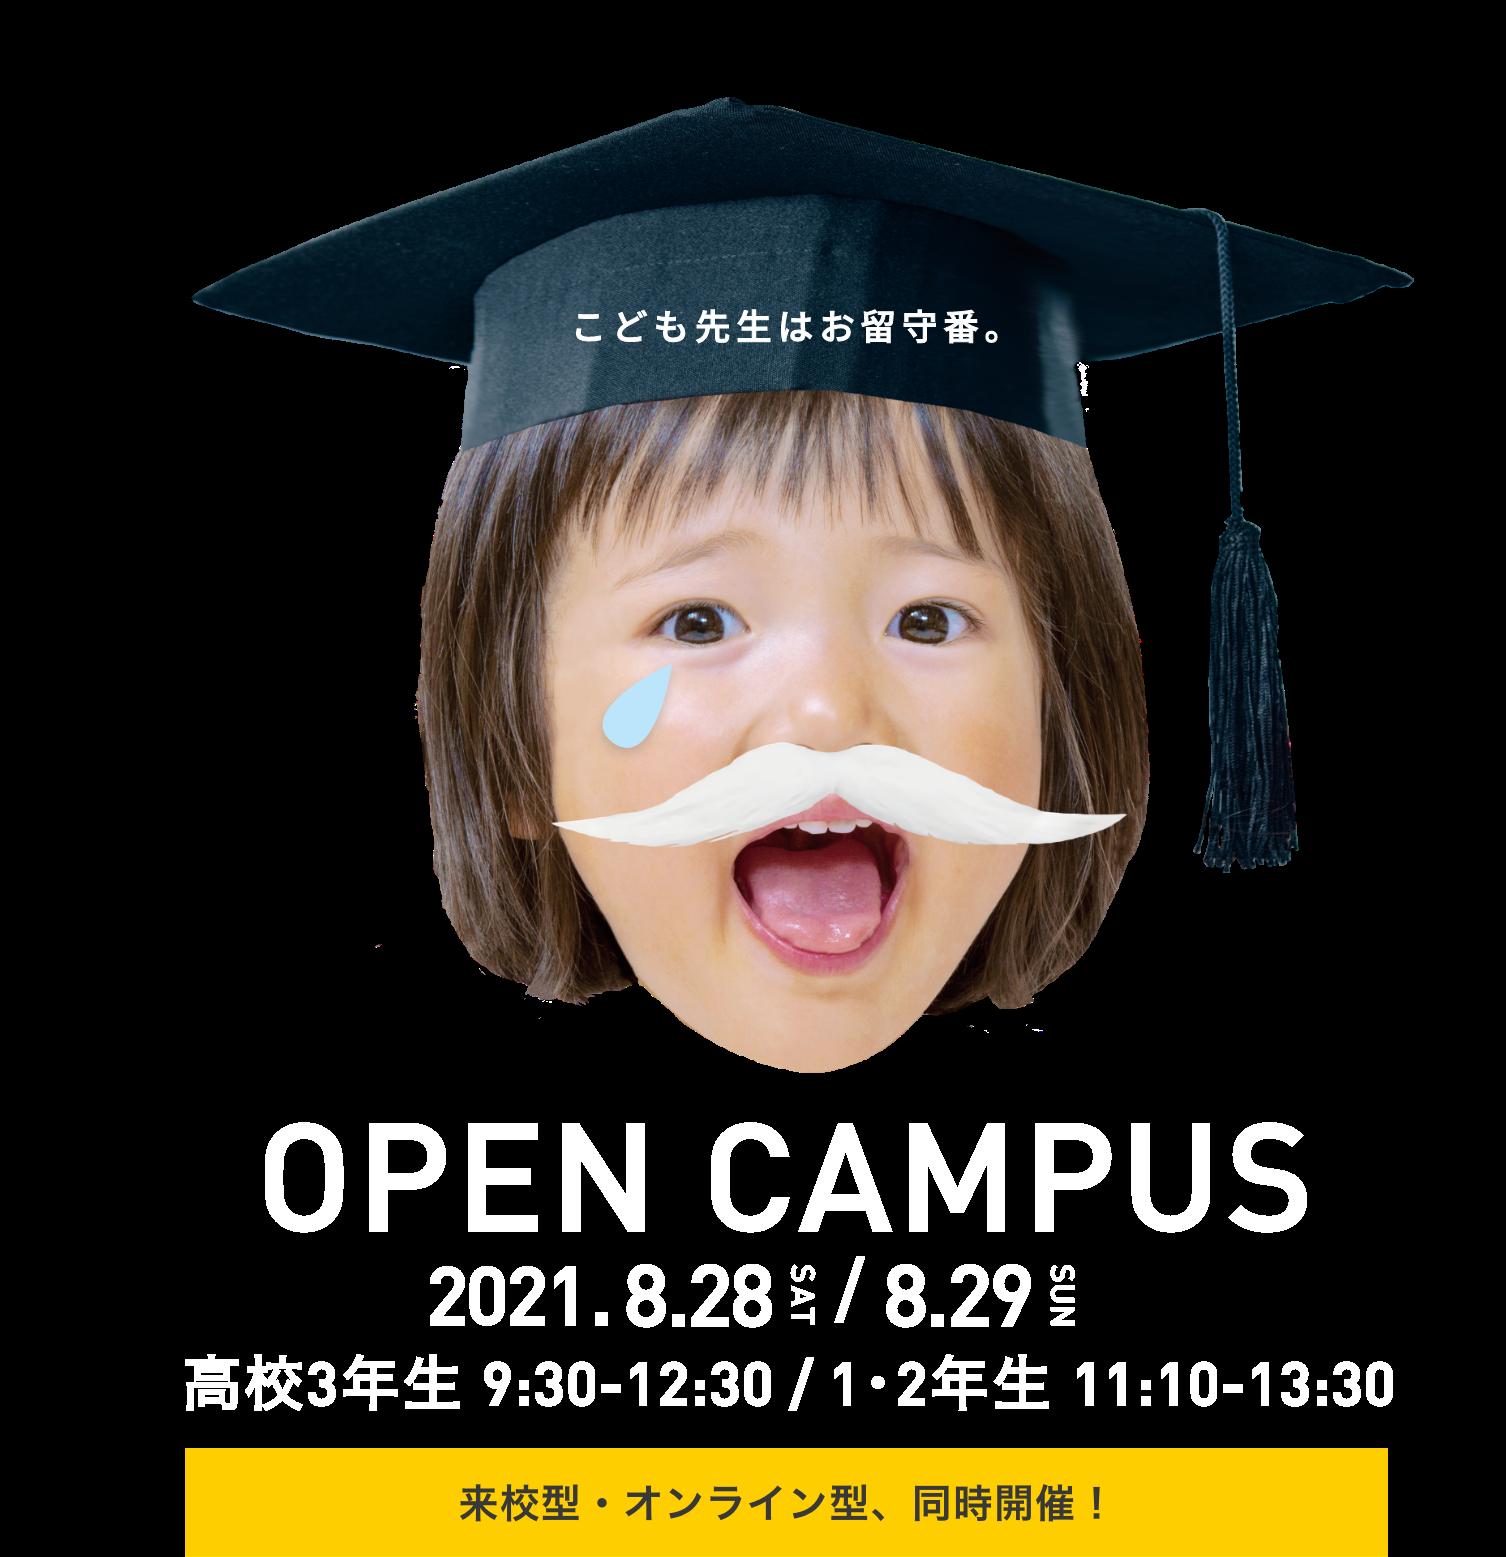 岡崎女子大学 岡崎女子短期大学 オープンキャンパス